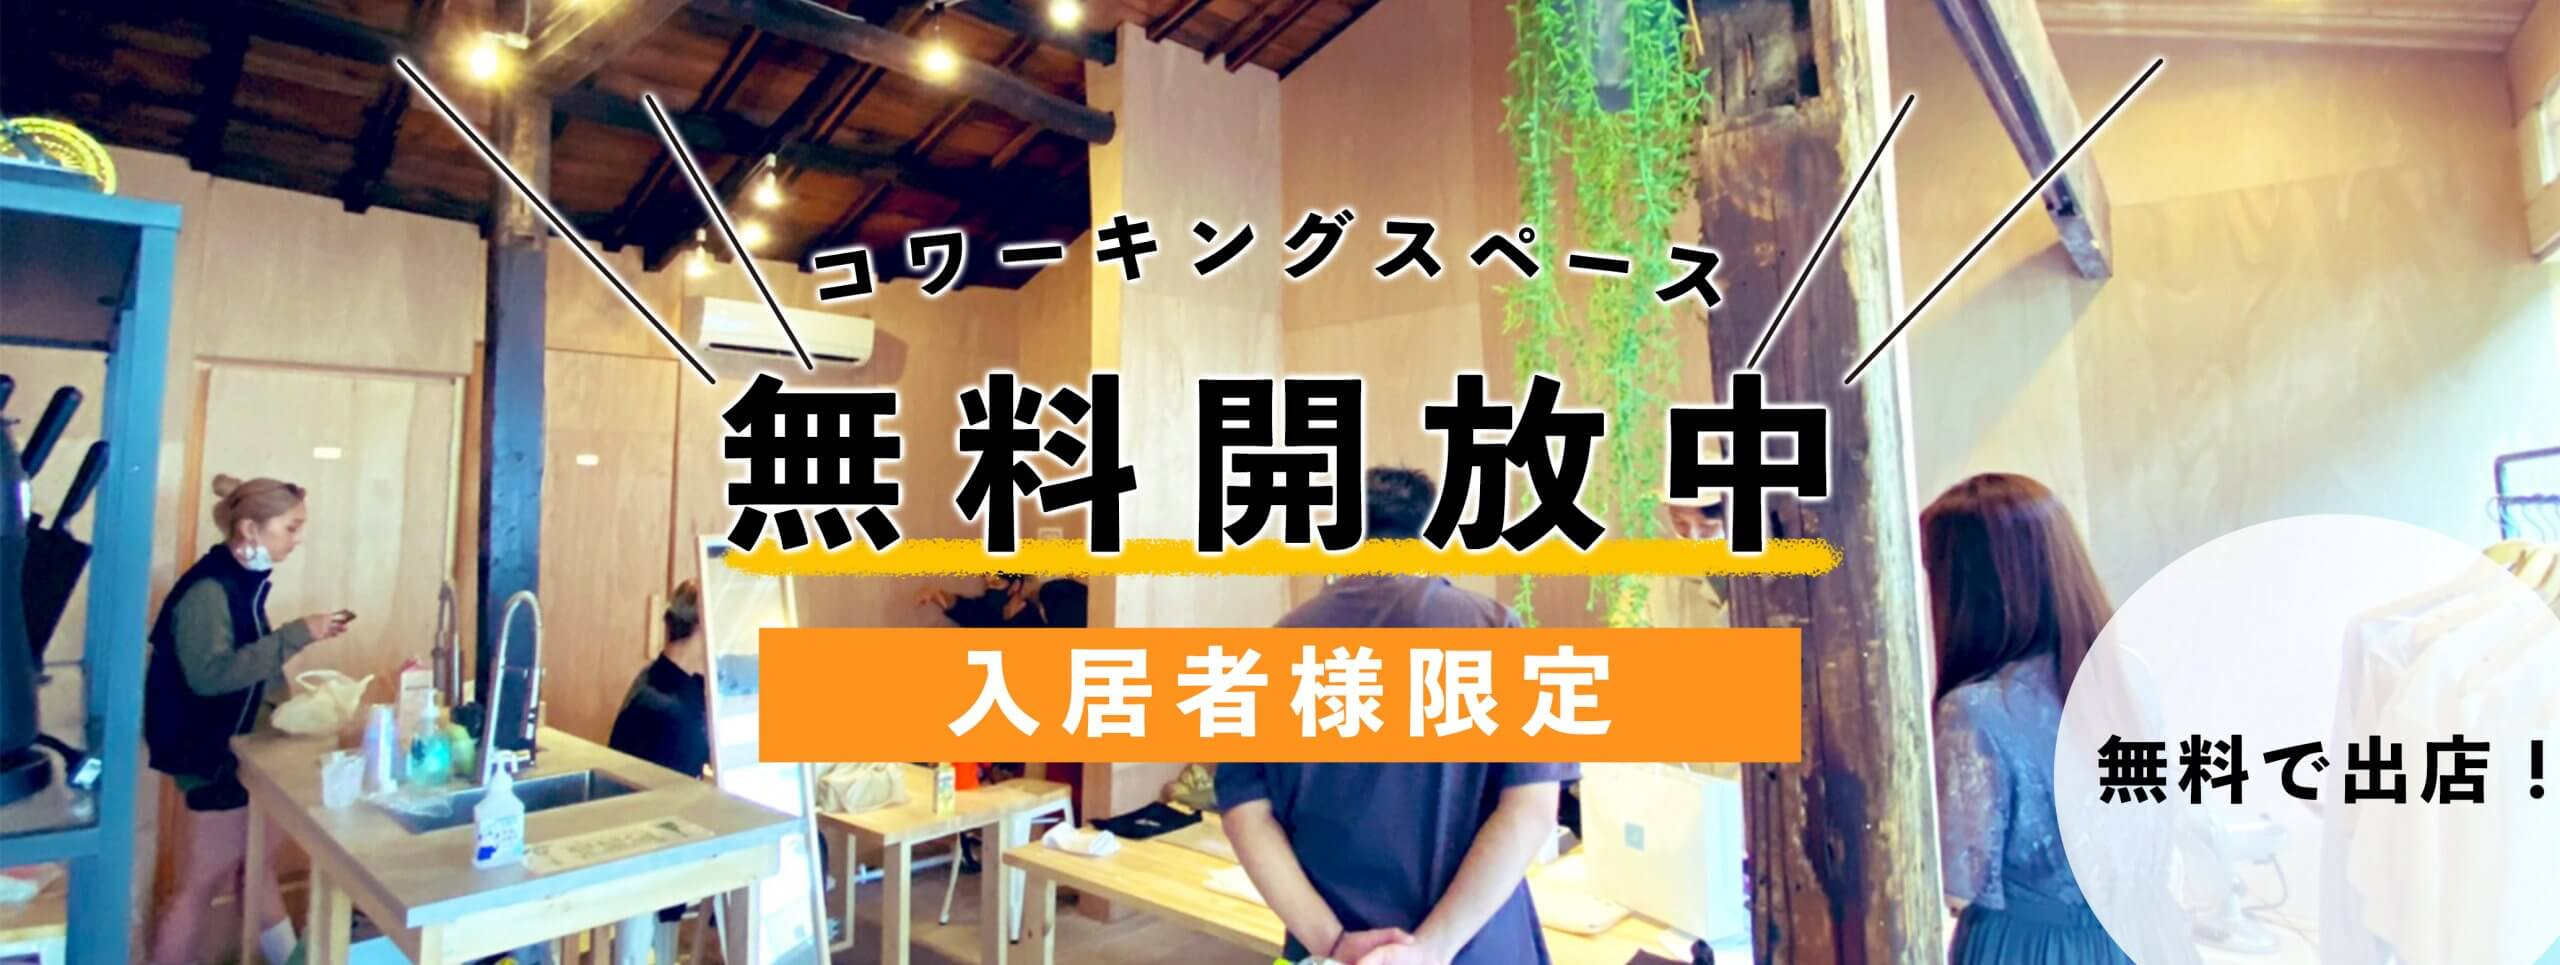 京都駅コワーキングスペース